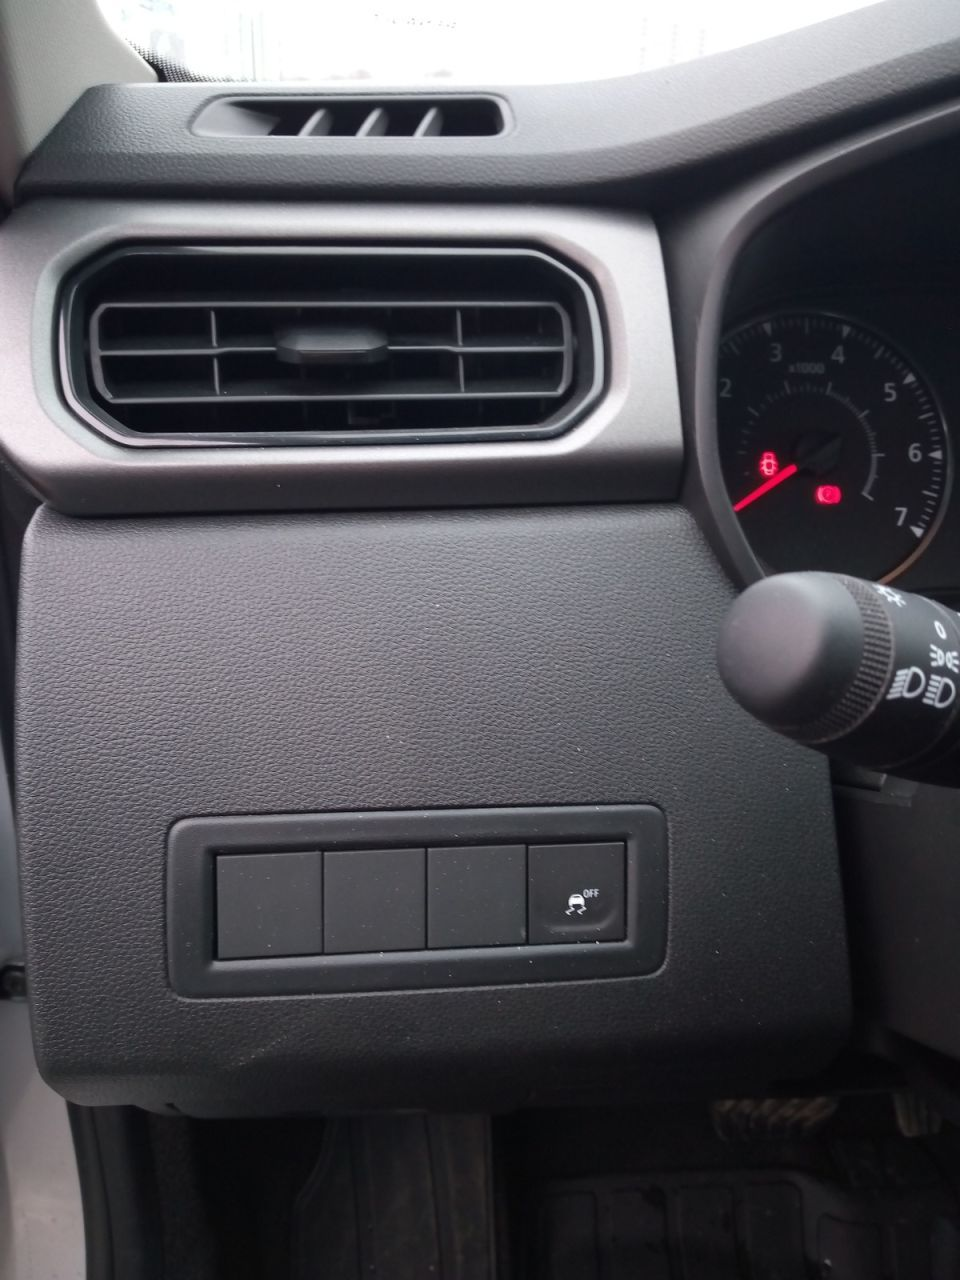 Из 4 кнопок активна только одна - отключение ESP. Признак бедной комплектации.